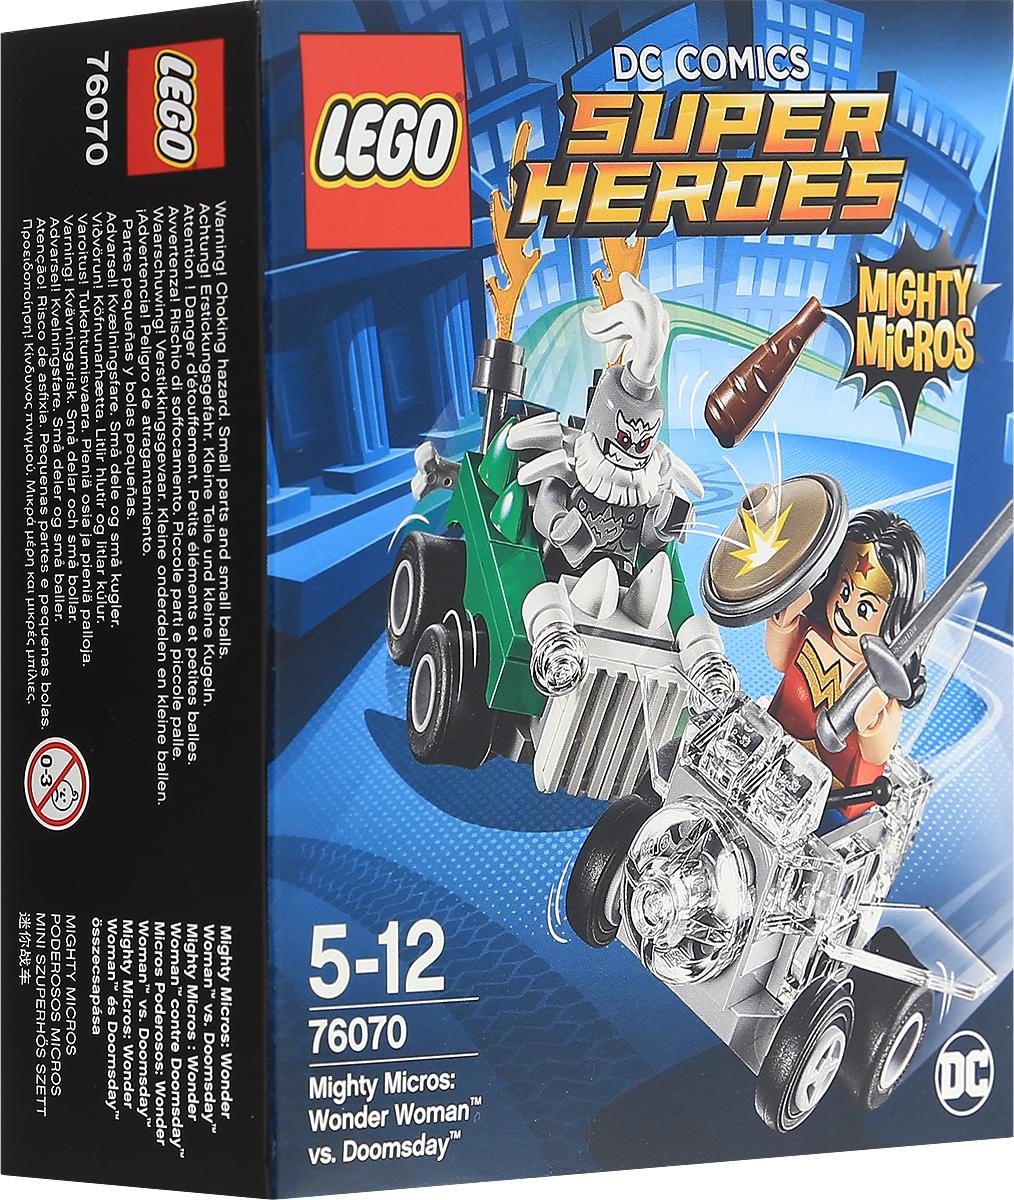 LEGO Super Heroes Конструктор Mighty Micros Чудо-женщина против Думсдэя 7607076070Думсдэй уже завел двигатель своего автомобиля и готовится к атаке. Смотрите, как Чудо-женщина наносит ответный удар волшебным мечом и щитом, кружа над злодеем в своем Невидимом самолете! Набор включает в себя 85 разноцветных пластиковых элементов. Конструктор - это один из самых увлекательных и веселых способов времяпрепровождения. Ребенок сможет часами играть с конструктором, придумывая различные ситуации и истории.